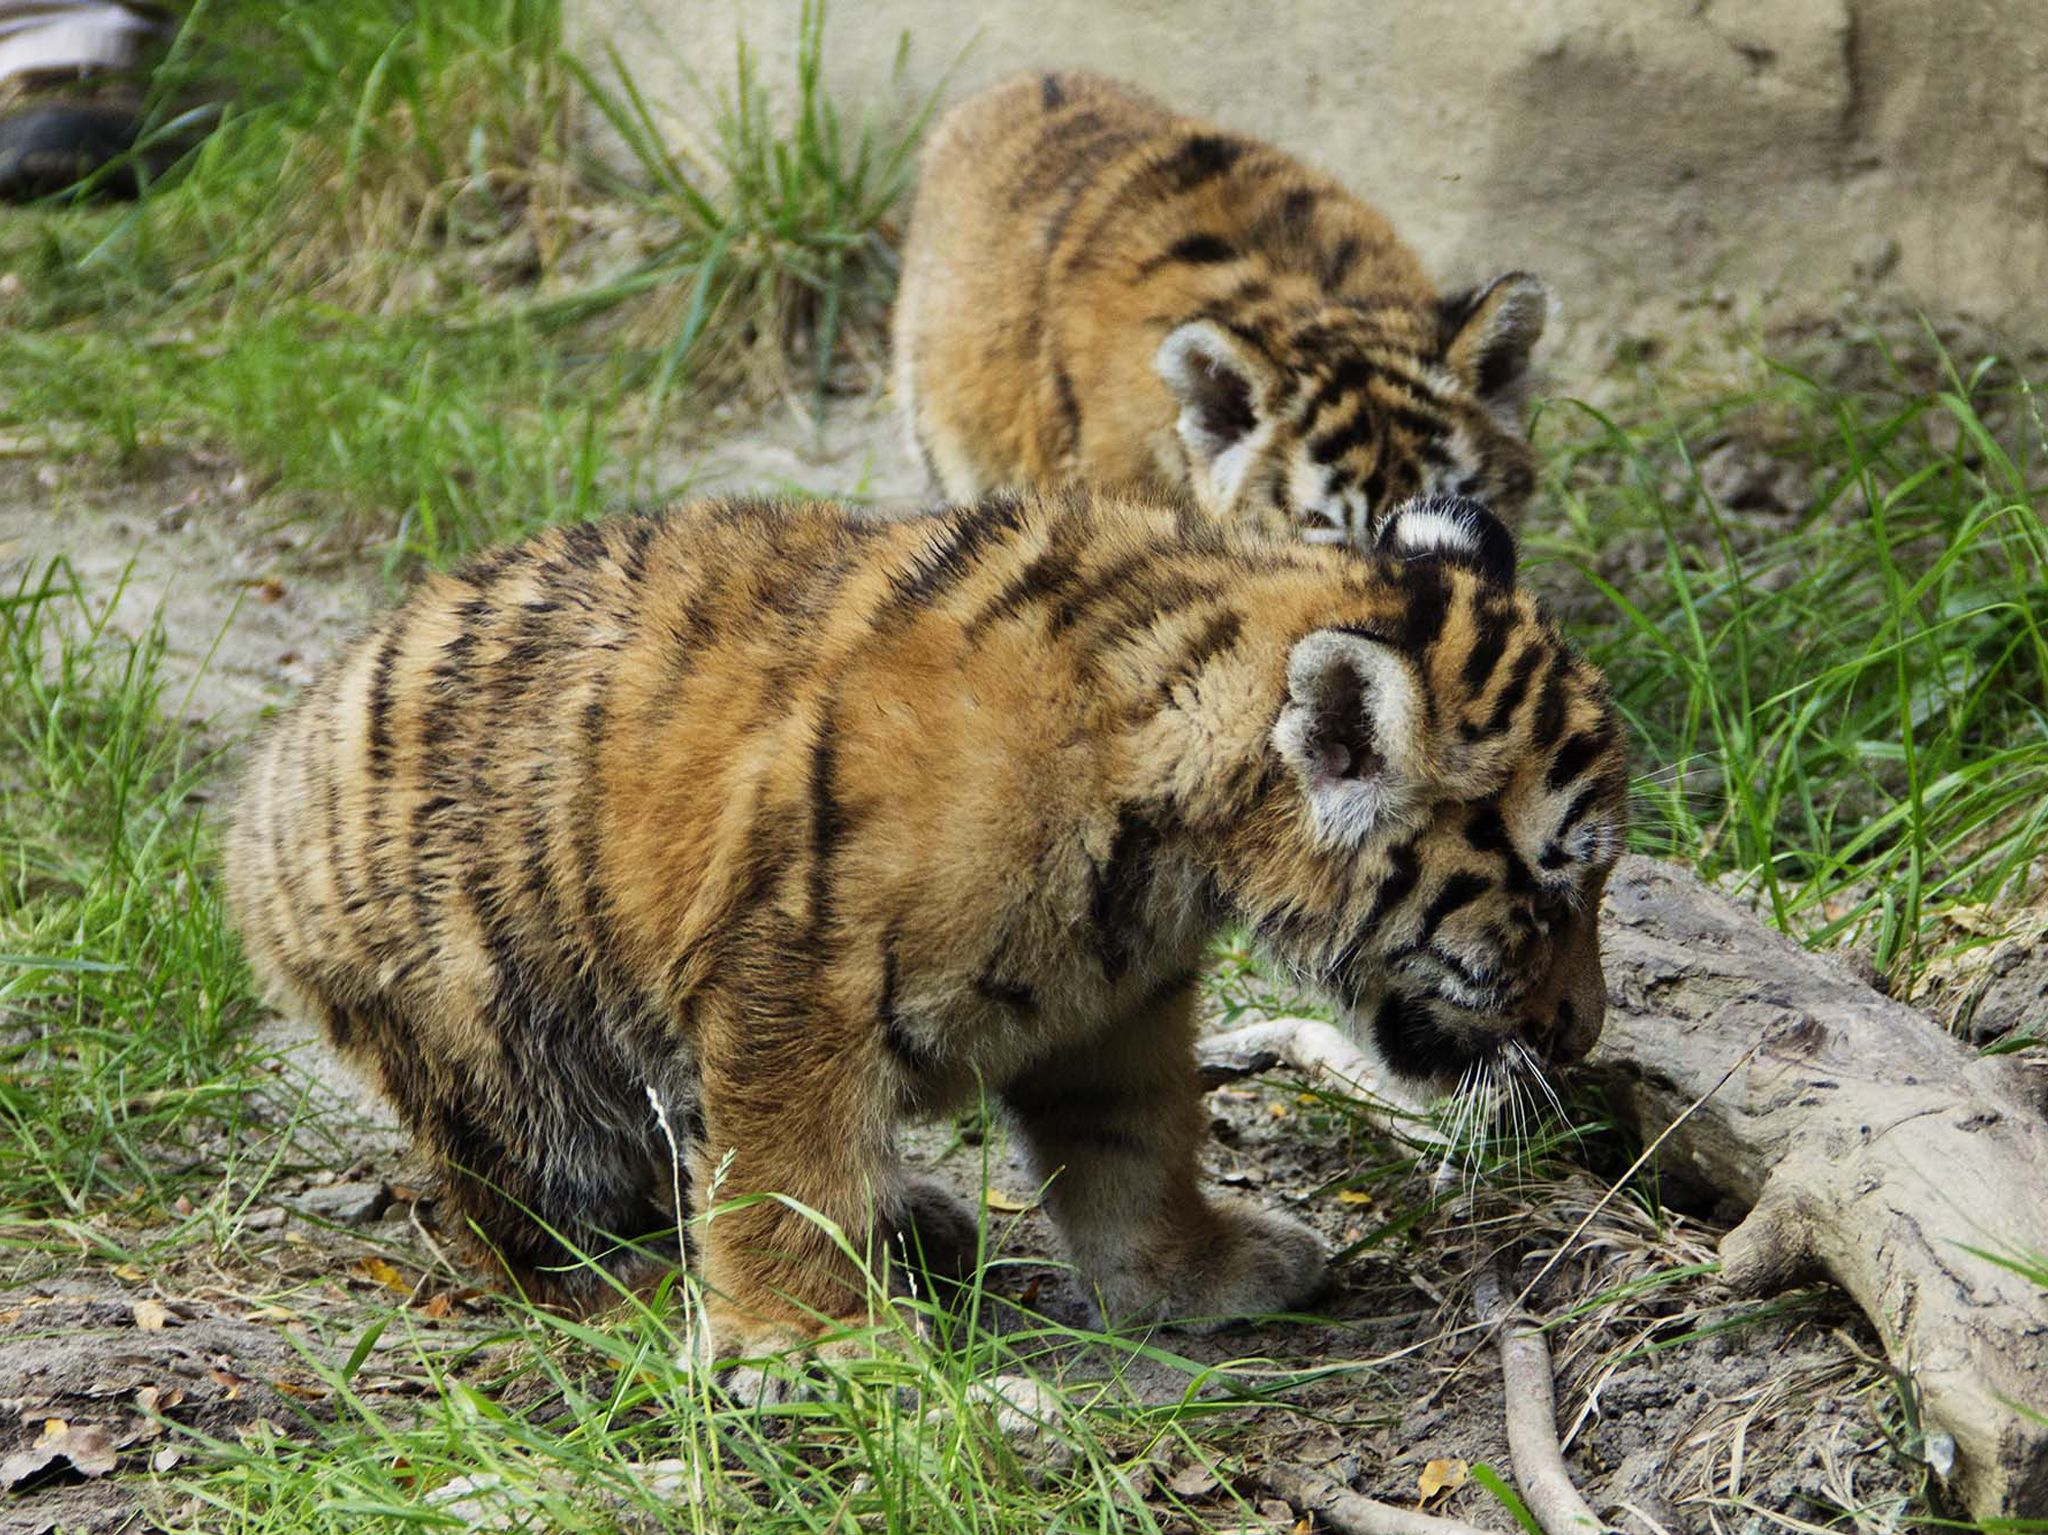 نمرٌ صغير يستكشف حظيرة النمور في حديقة حيوان... [Photo of the day - أكتوبر 2020]